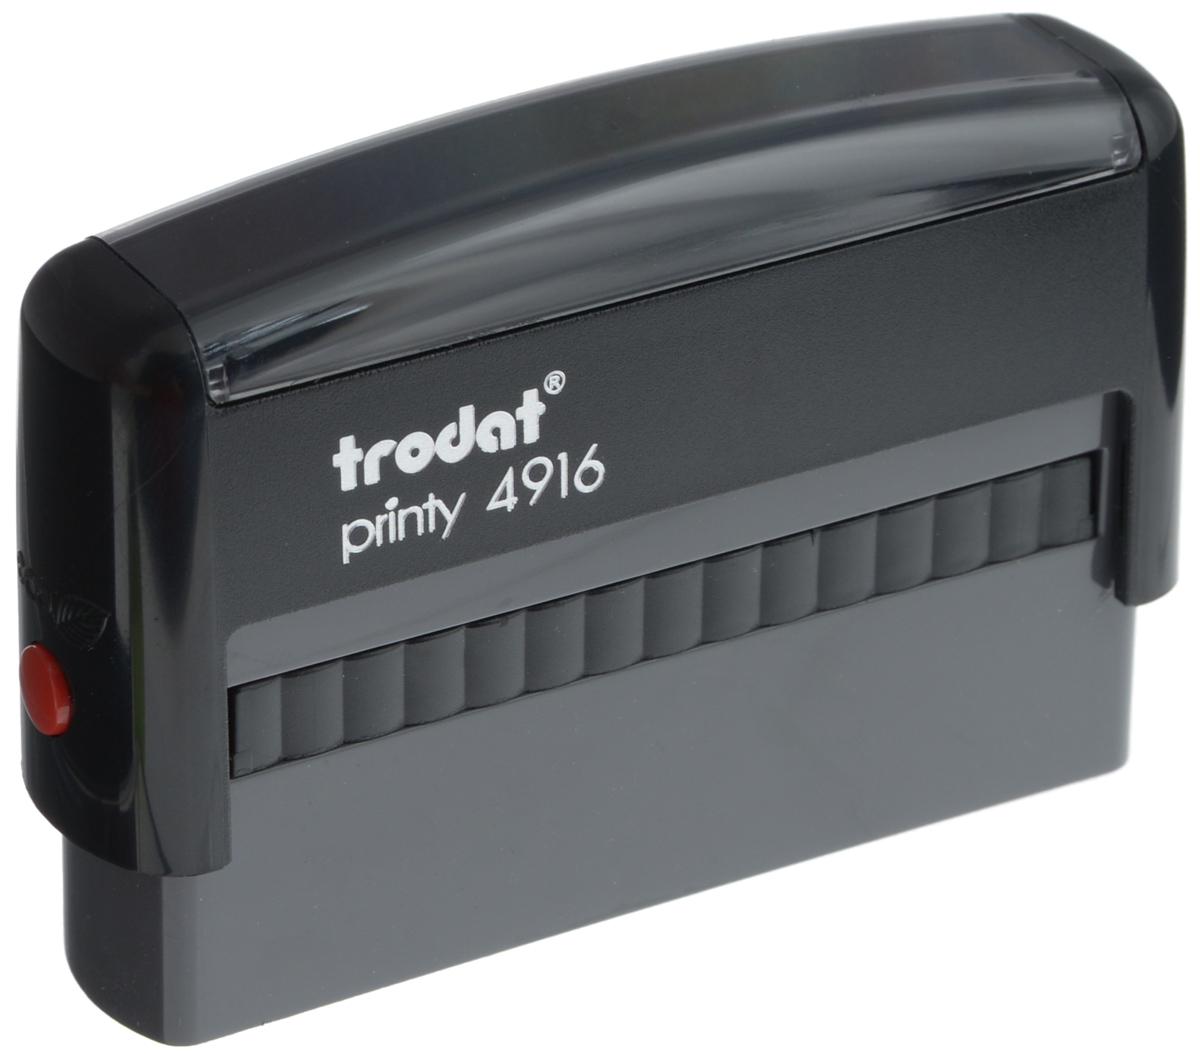 Trodat Оснастка для штампа 70 х 10 мм4916Оснастка для штампа Trodat - это идеальный инструмент для постоянного интенсивного использования в офисе. Прочный пластиковый корпус с автоматическим окрашиванием гарантирует долговечное бесперебойное использование. Модель отличается высочайшим удобством в использовании и оптимально ложится в руку. Оттиск проставляется практически бесшумно, легким нажатием руки. Улучшенная конструкция и видимая площадь печати гарантируют качество и точность оттиска. Модель оснащена кнопкой блокировки.